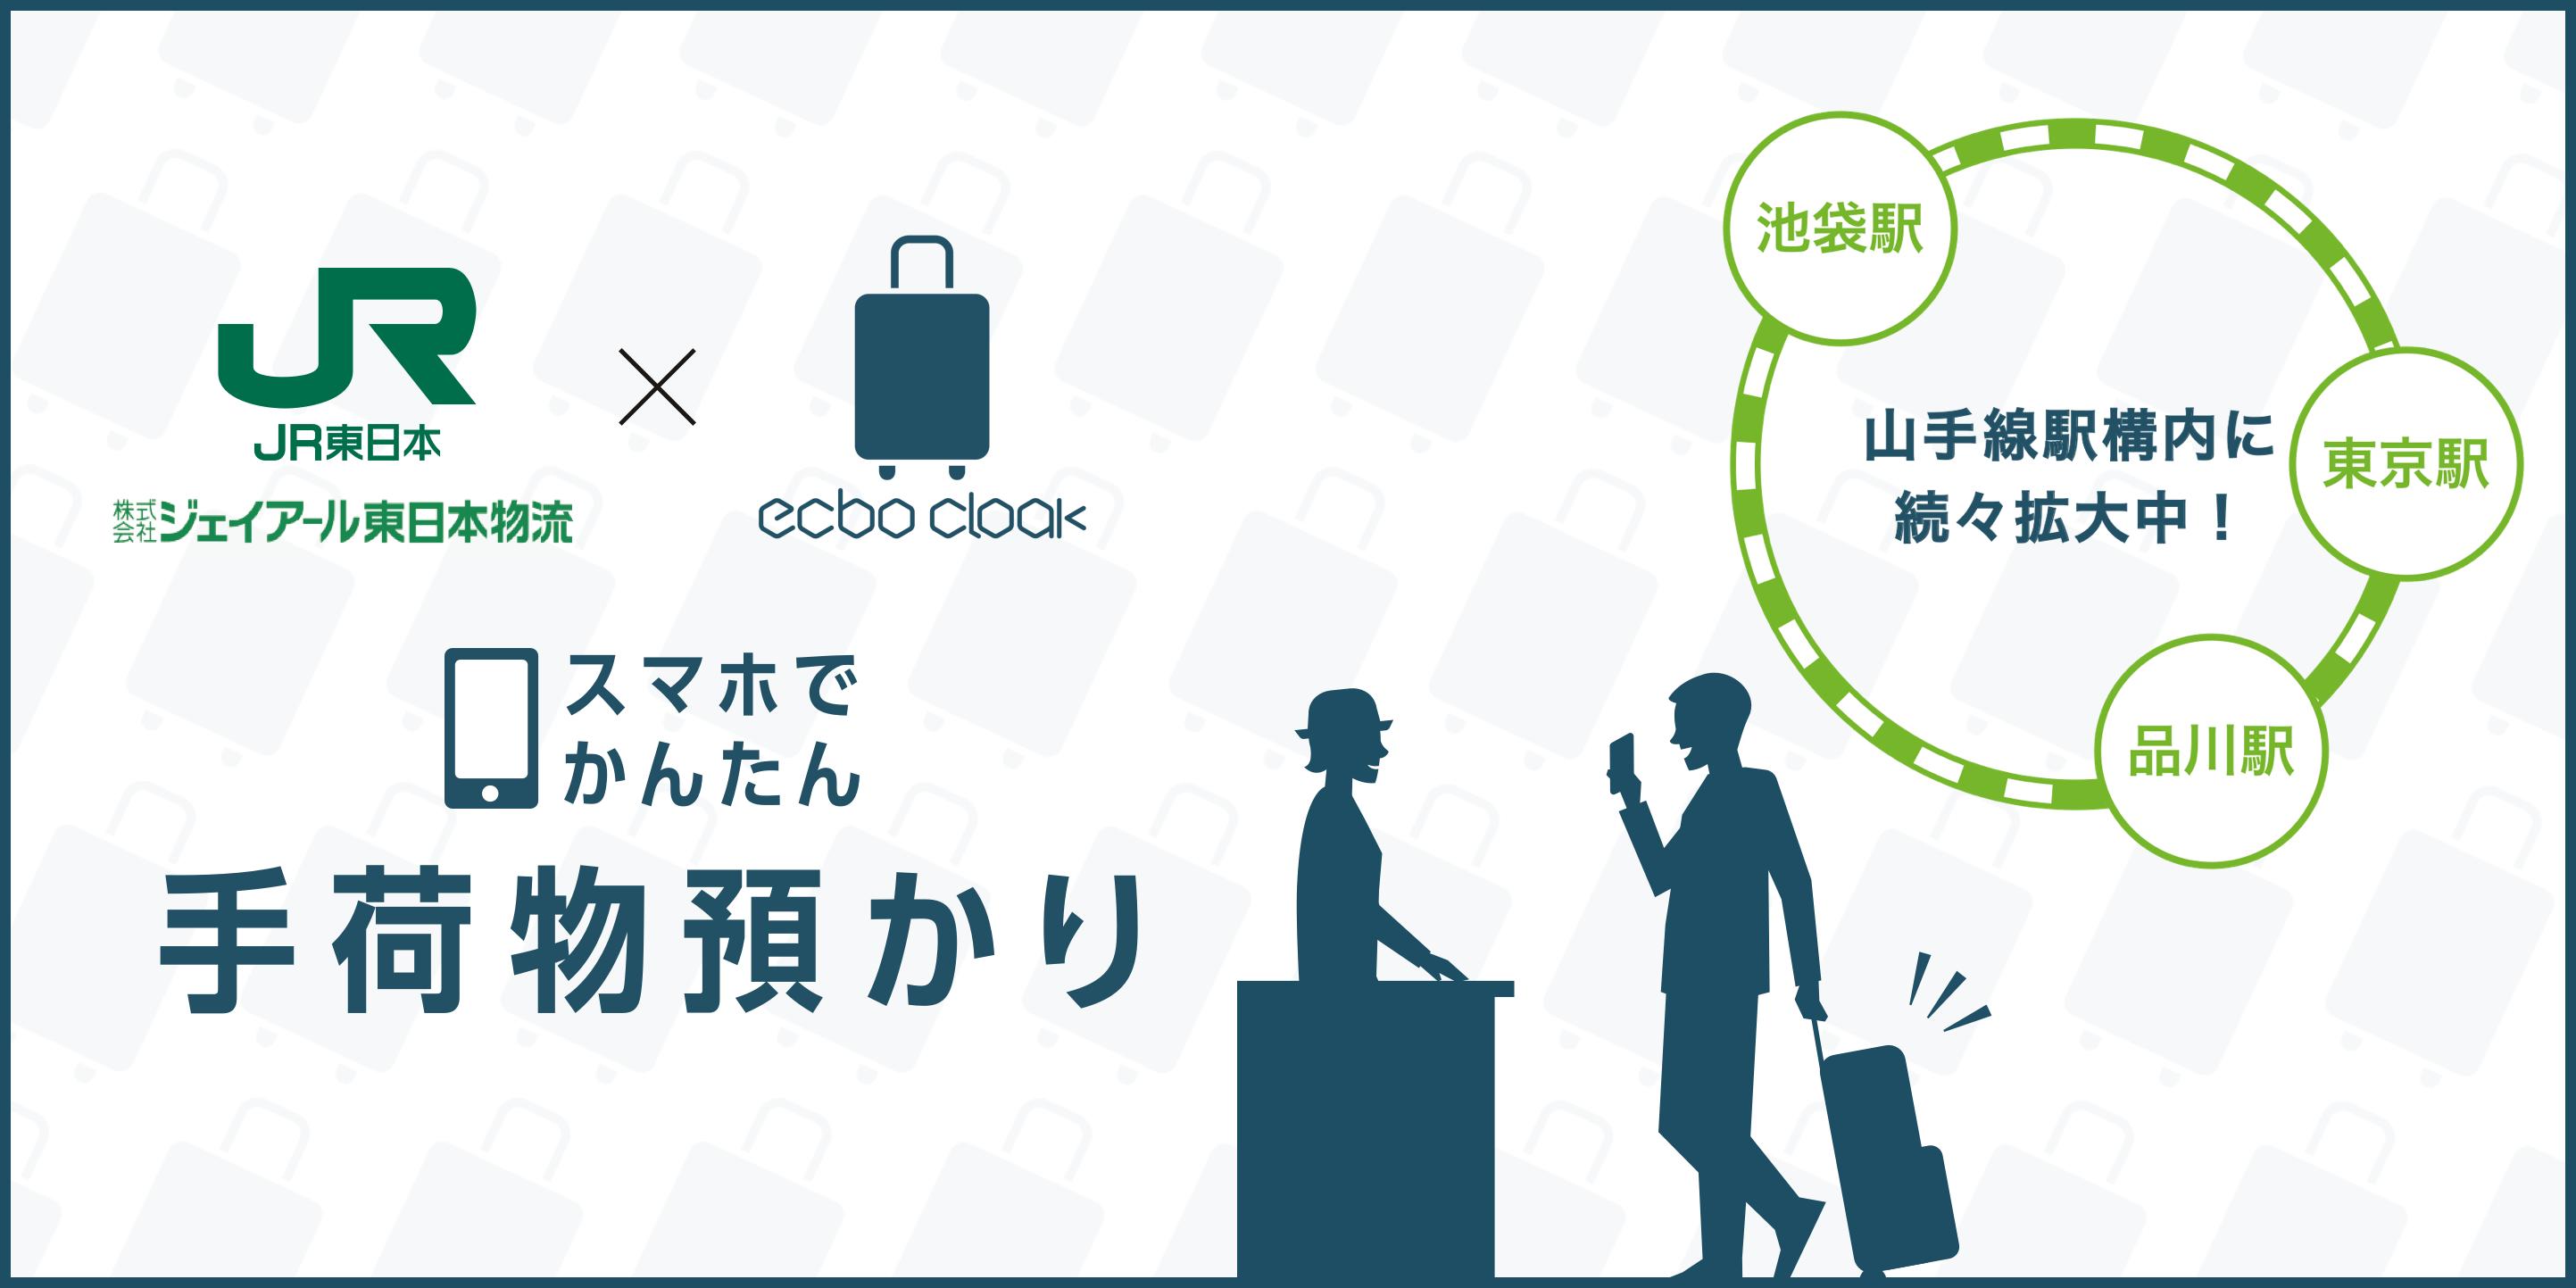 【東京】JR駅構内で荷物を預けられるecbo cloakカウンター!コインロッカー代わりに活用しよう